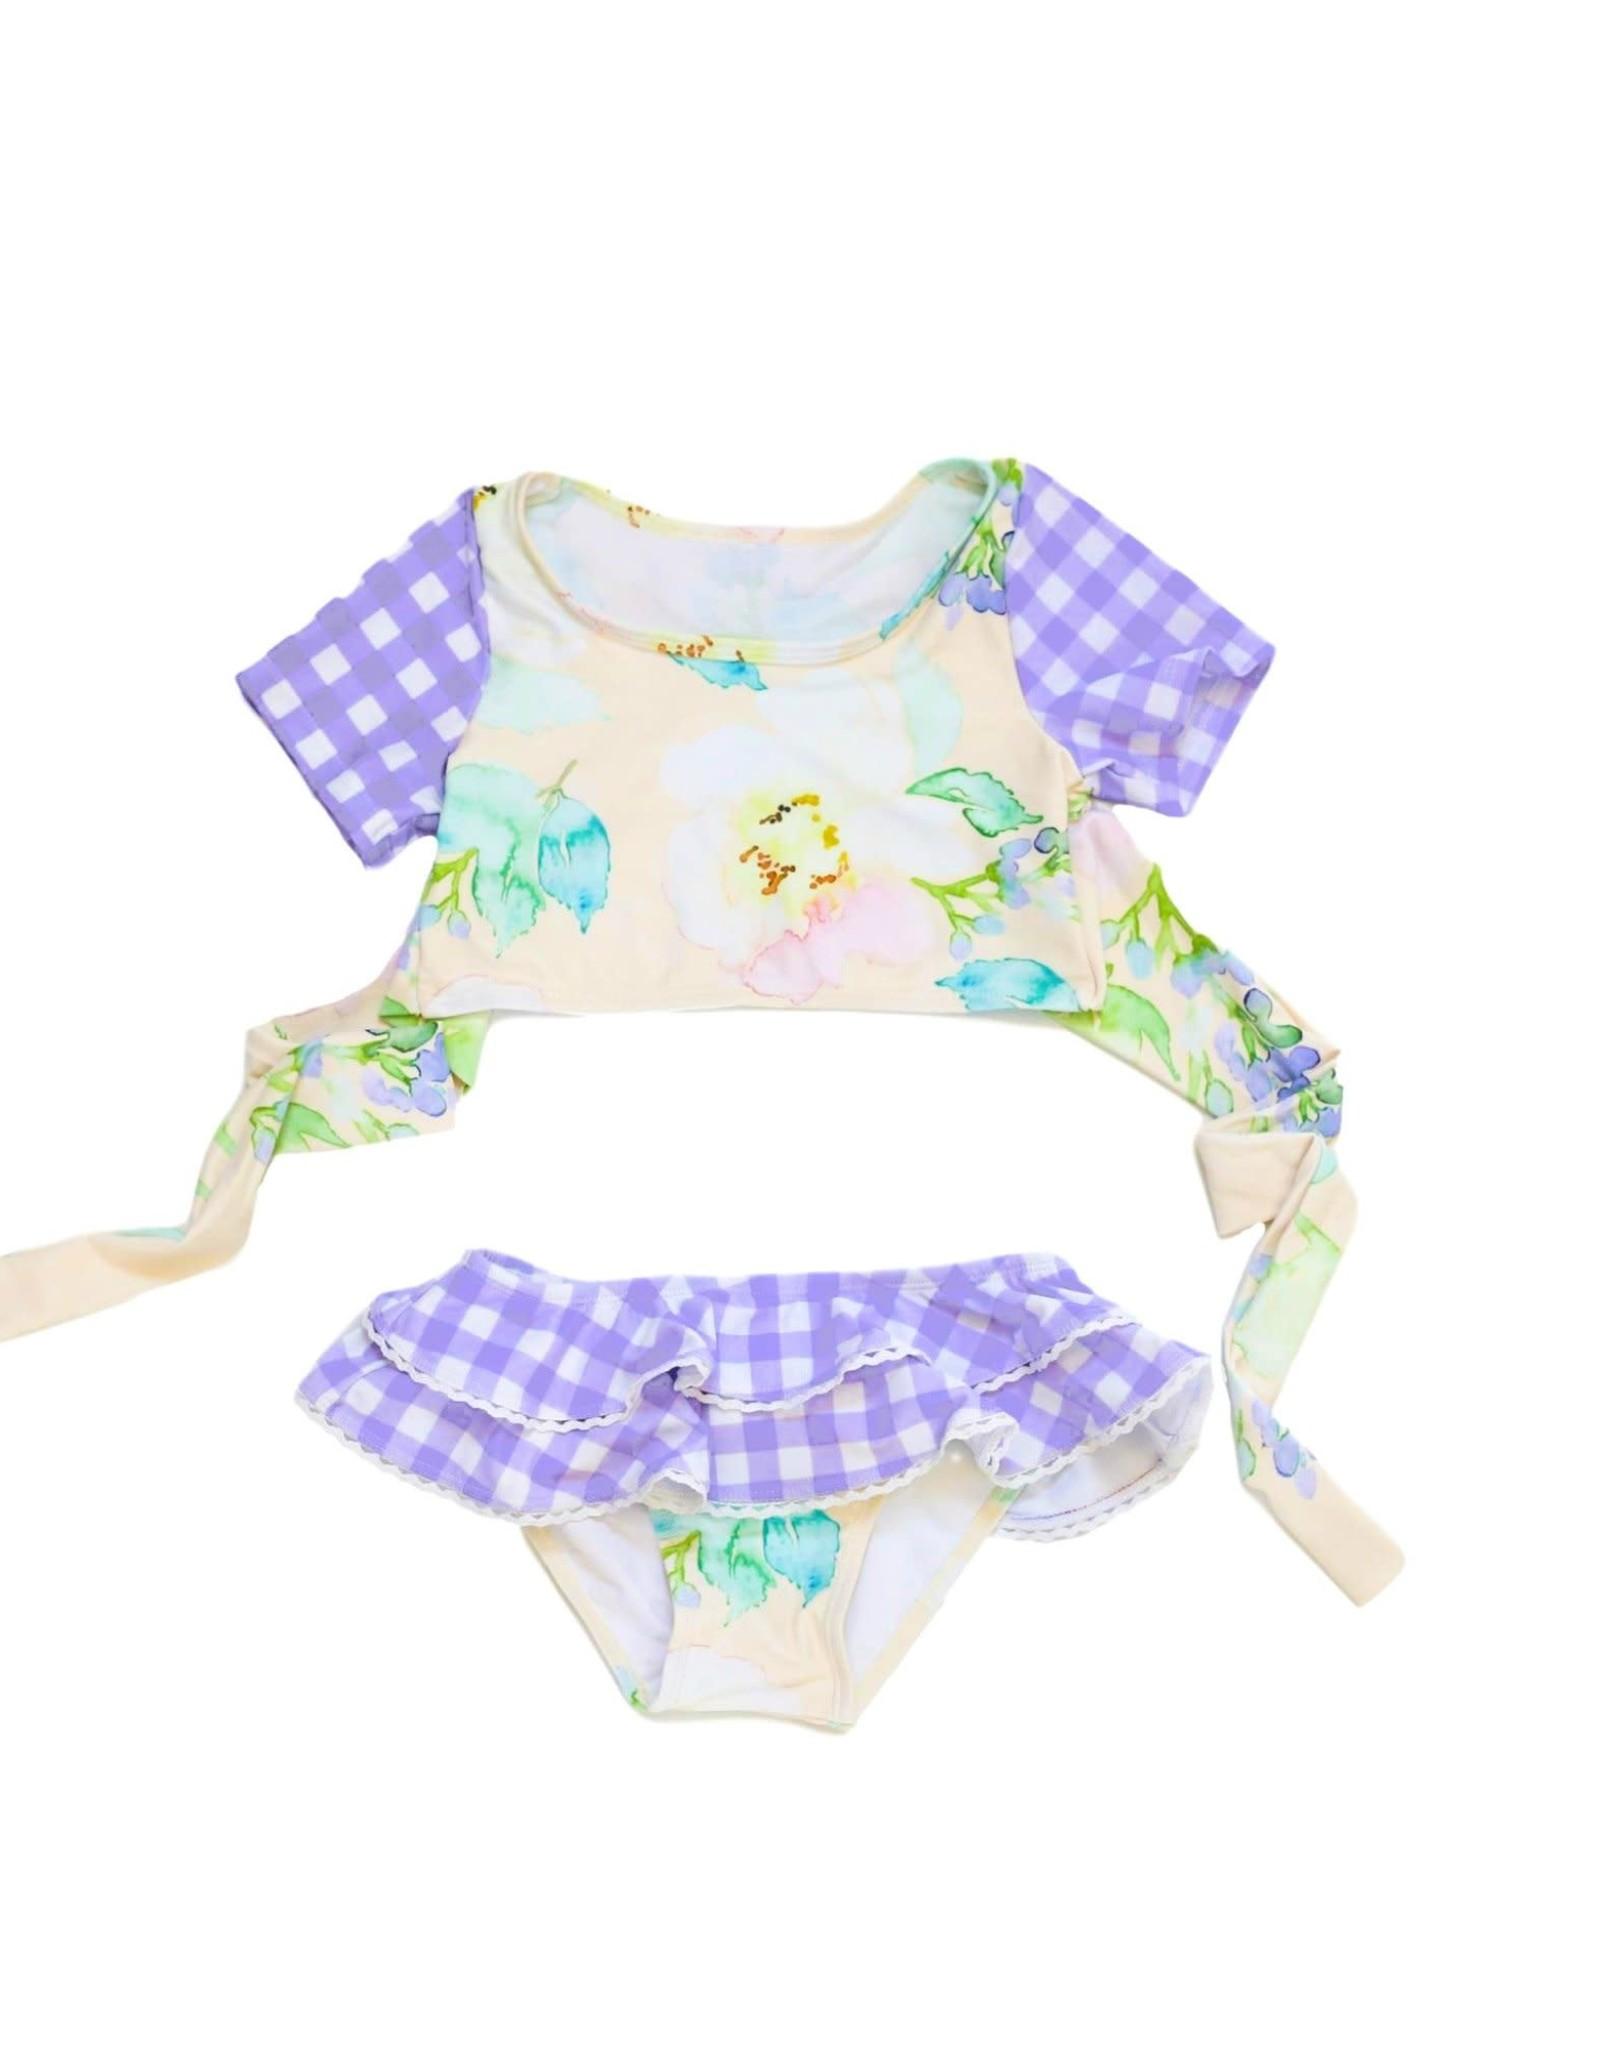 Blueberry Bay Shambhala Two Piece Swimsuit